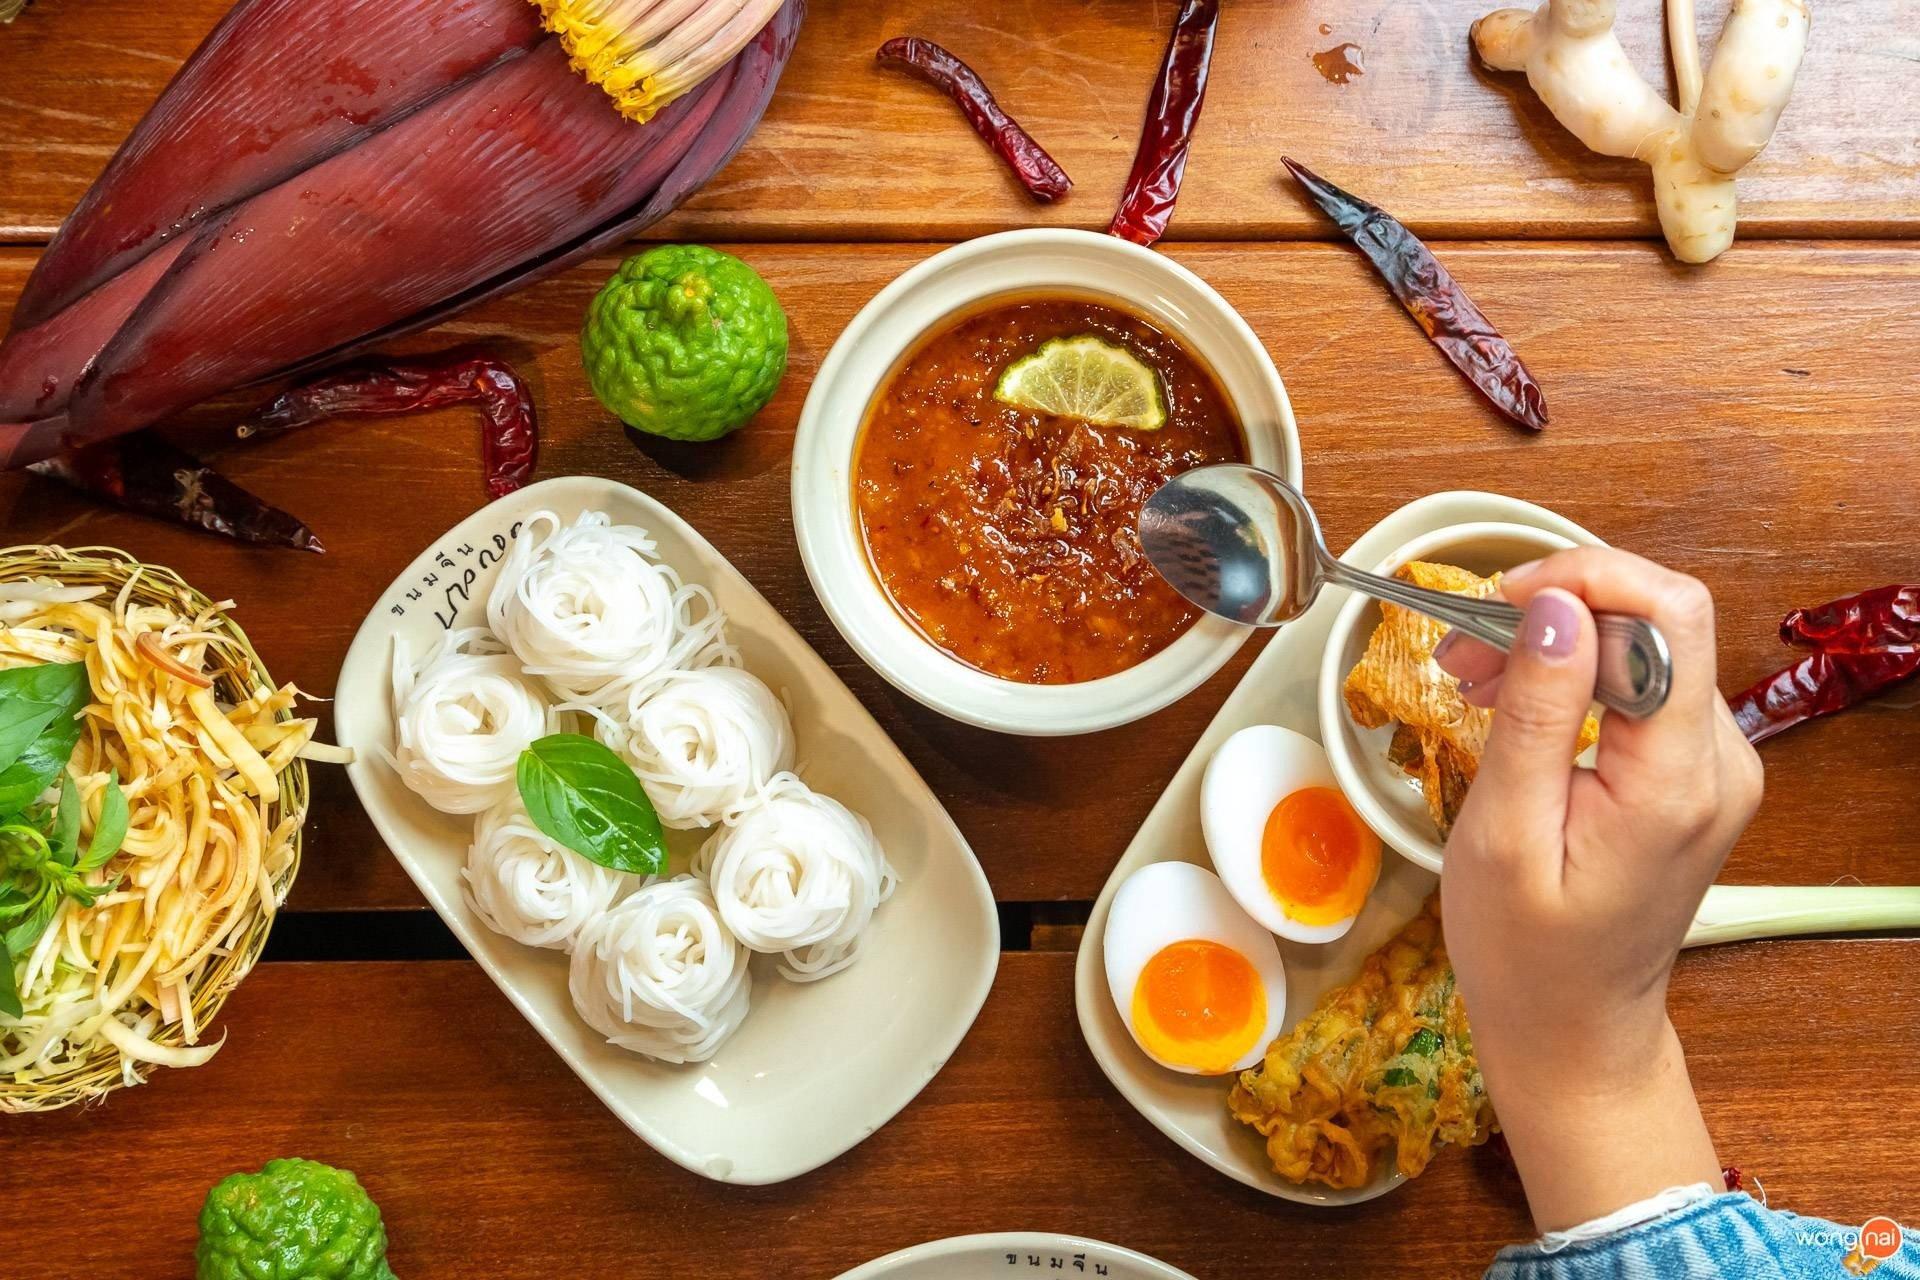 เมนู ขนมจีนน้ำพริก ของร้าน ขนมจีนบางกอก